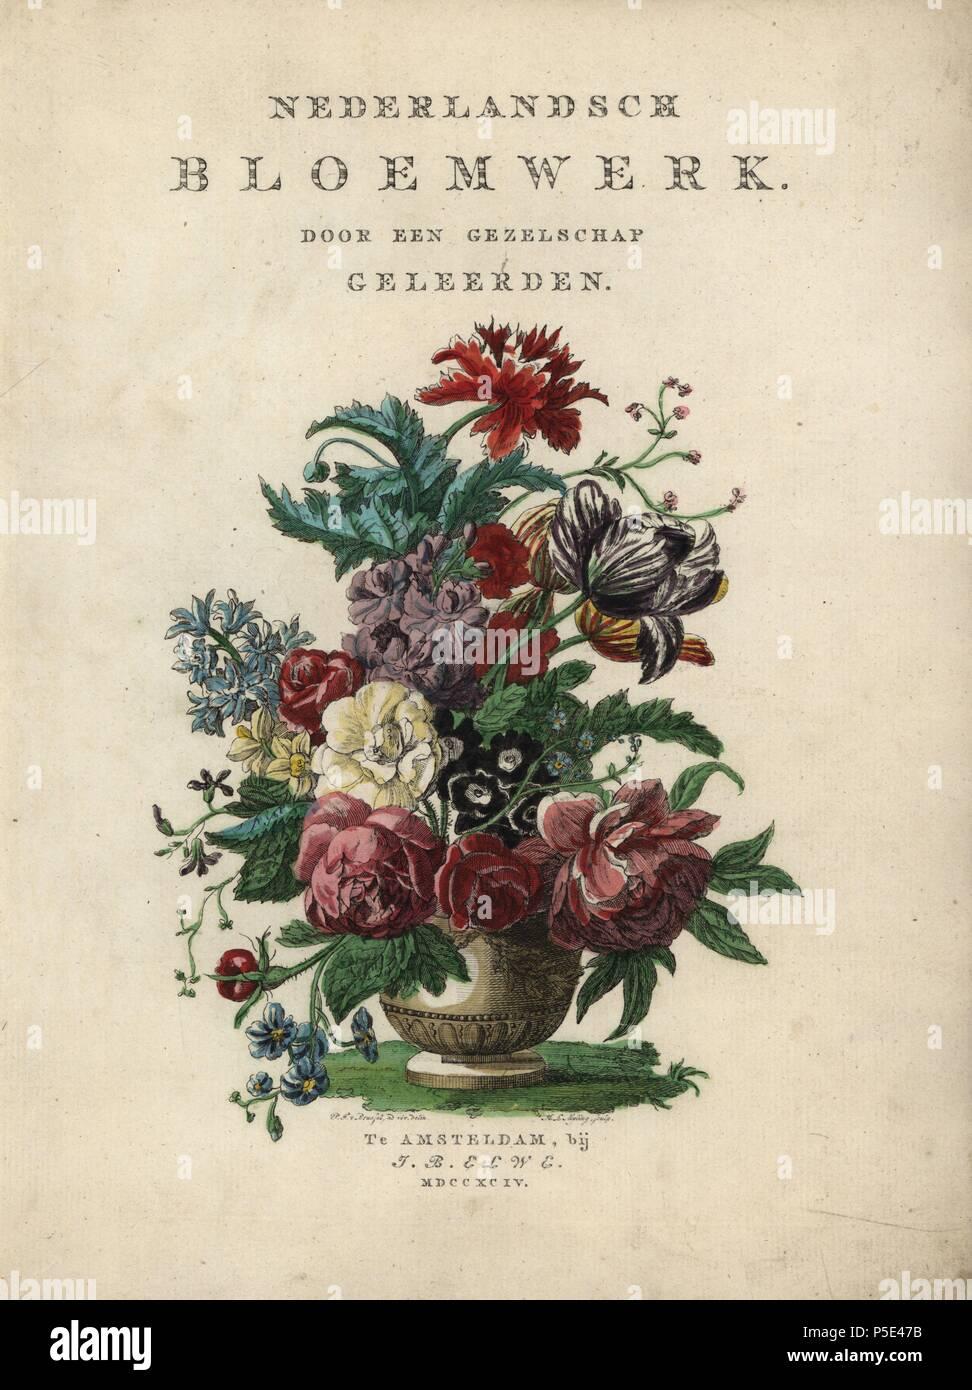 3017504210a9 Titolo bouquet di fiori tra cui le rose